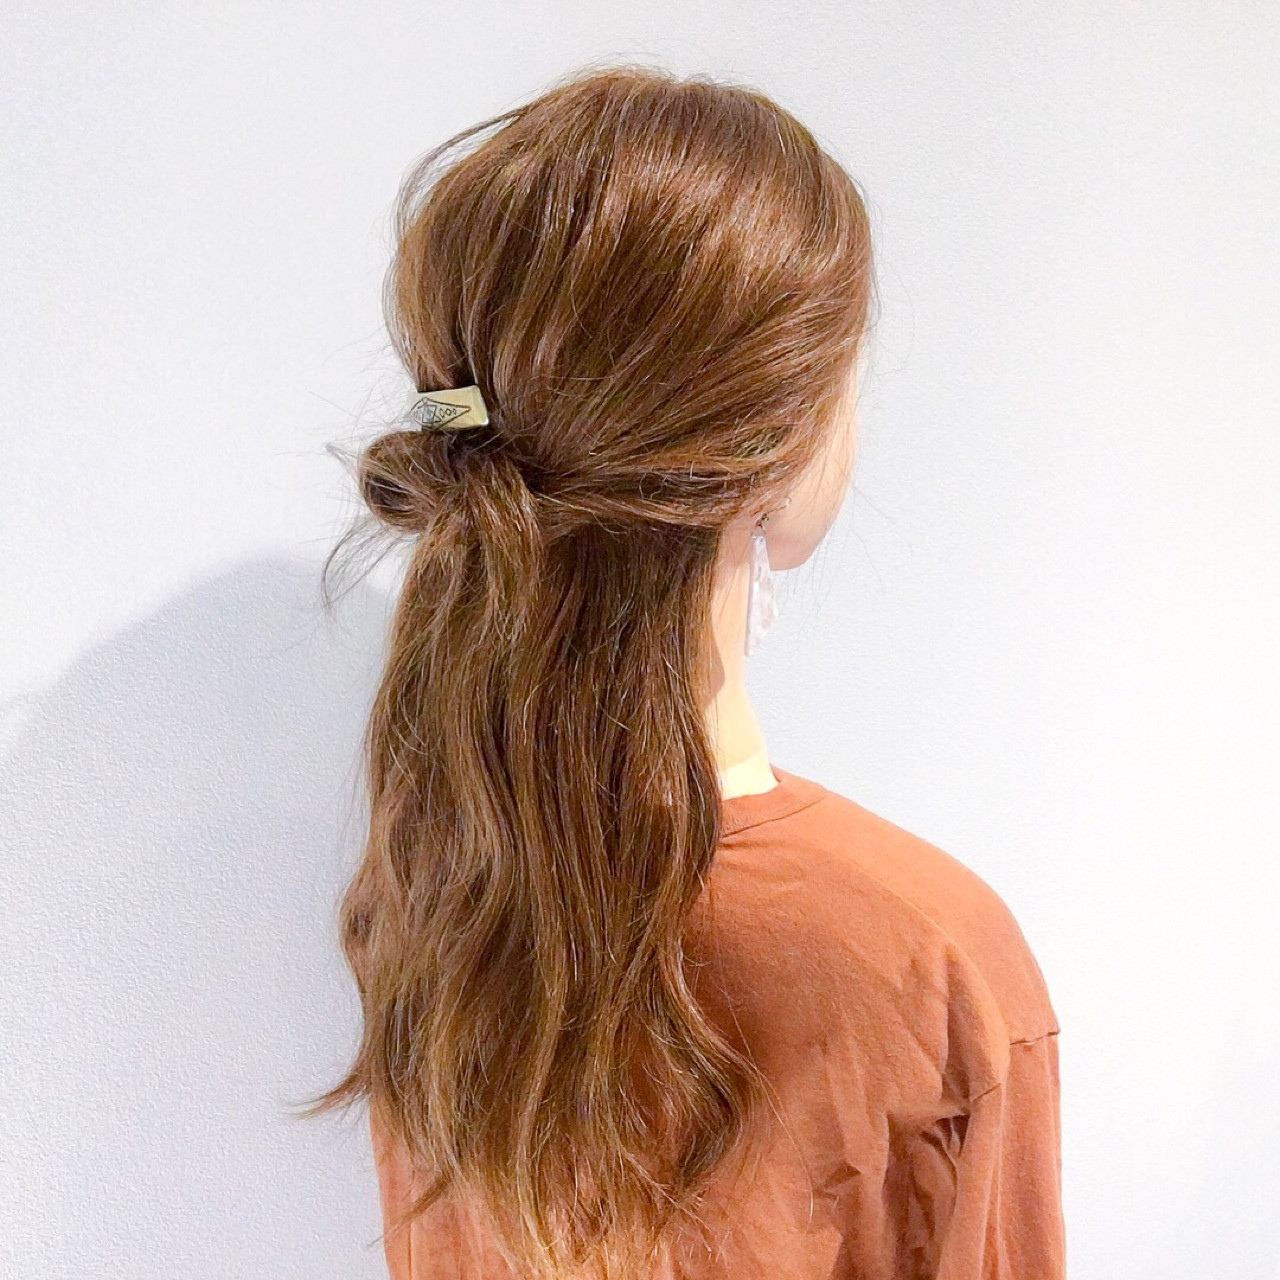 アウトドア 簡単ヘアアレンジ ヘアアレンジ ナチュラル ヘアスタイルや髪型の写真・画像 | 美容師HIRO/Amoute代表 / Amoute/アムティ